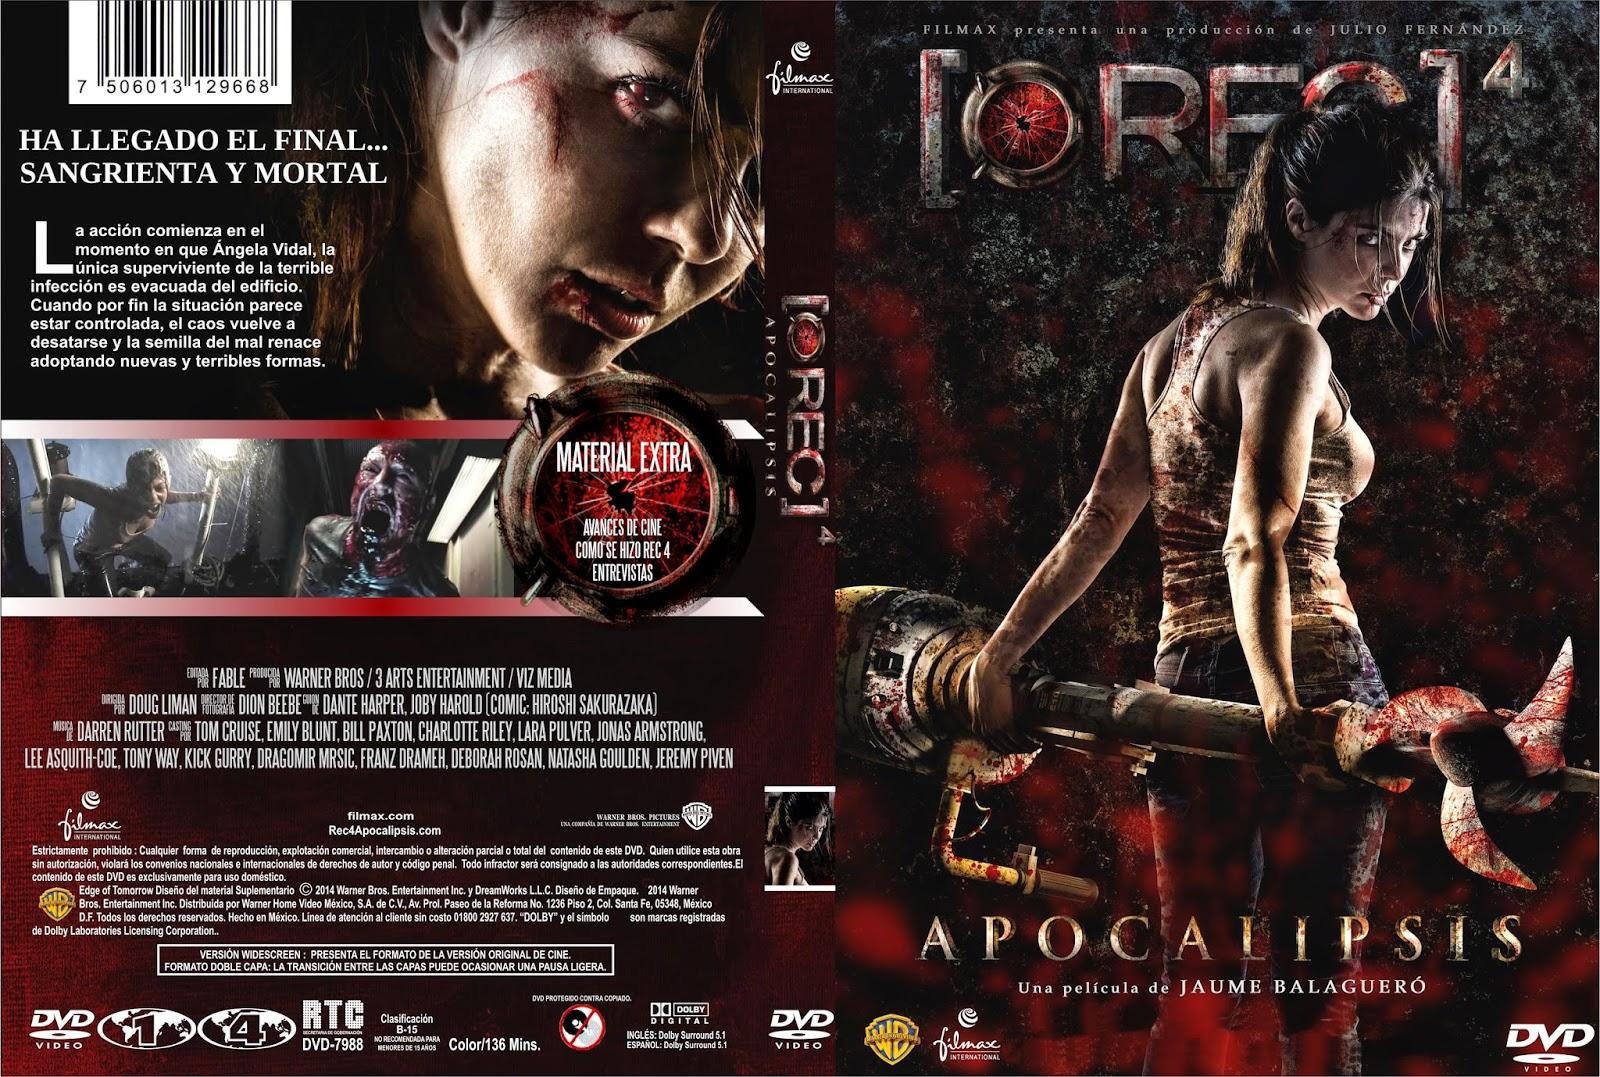 Rec 4 Apocalipsis DVD